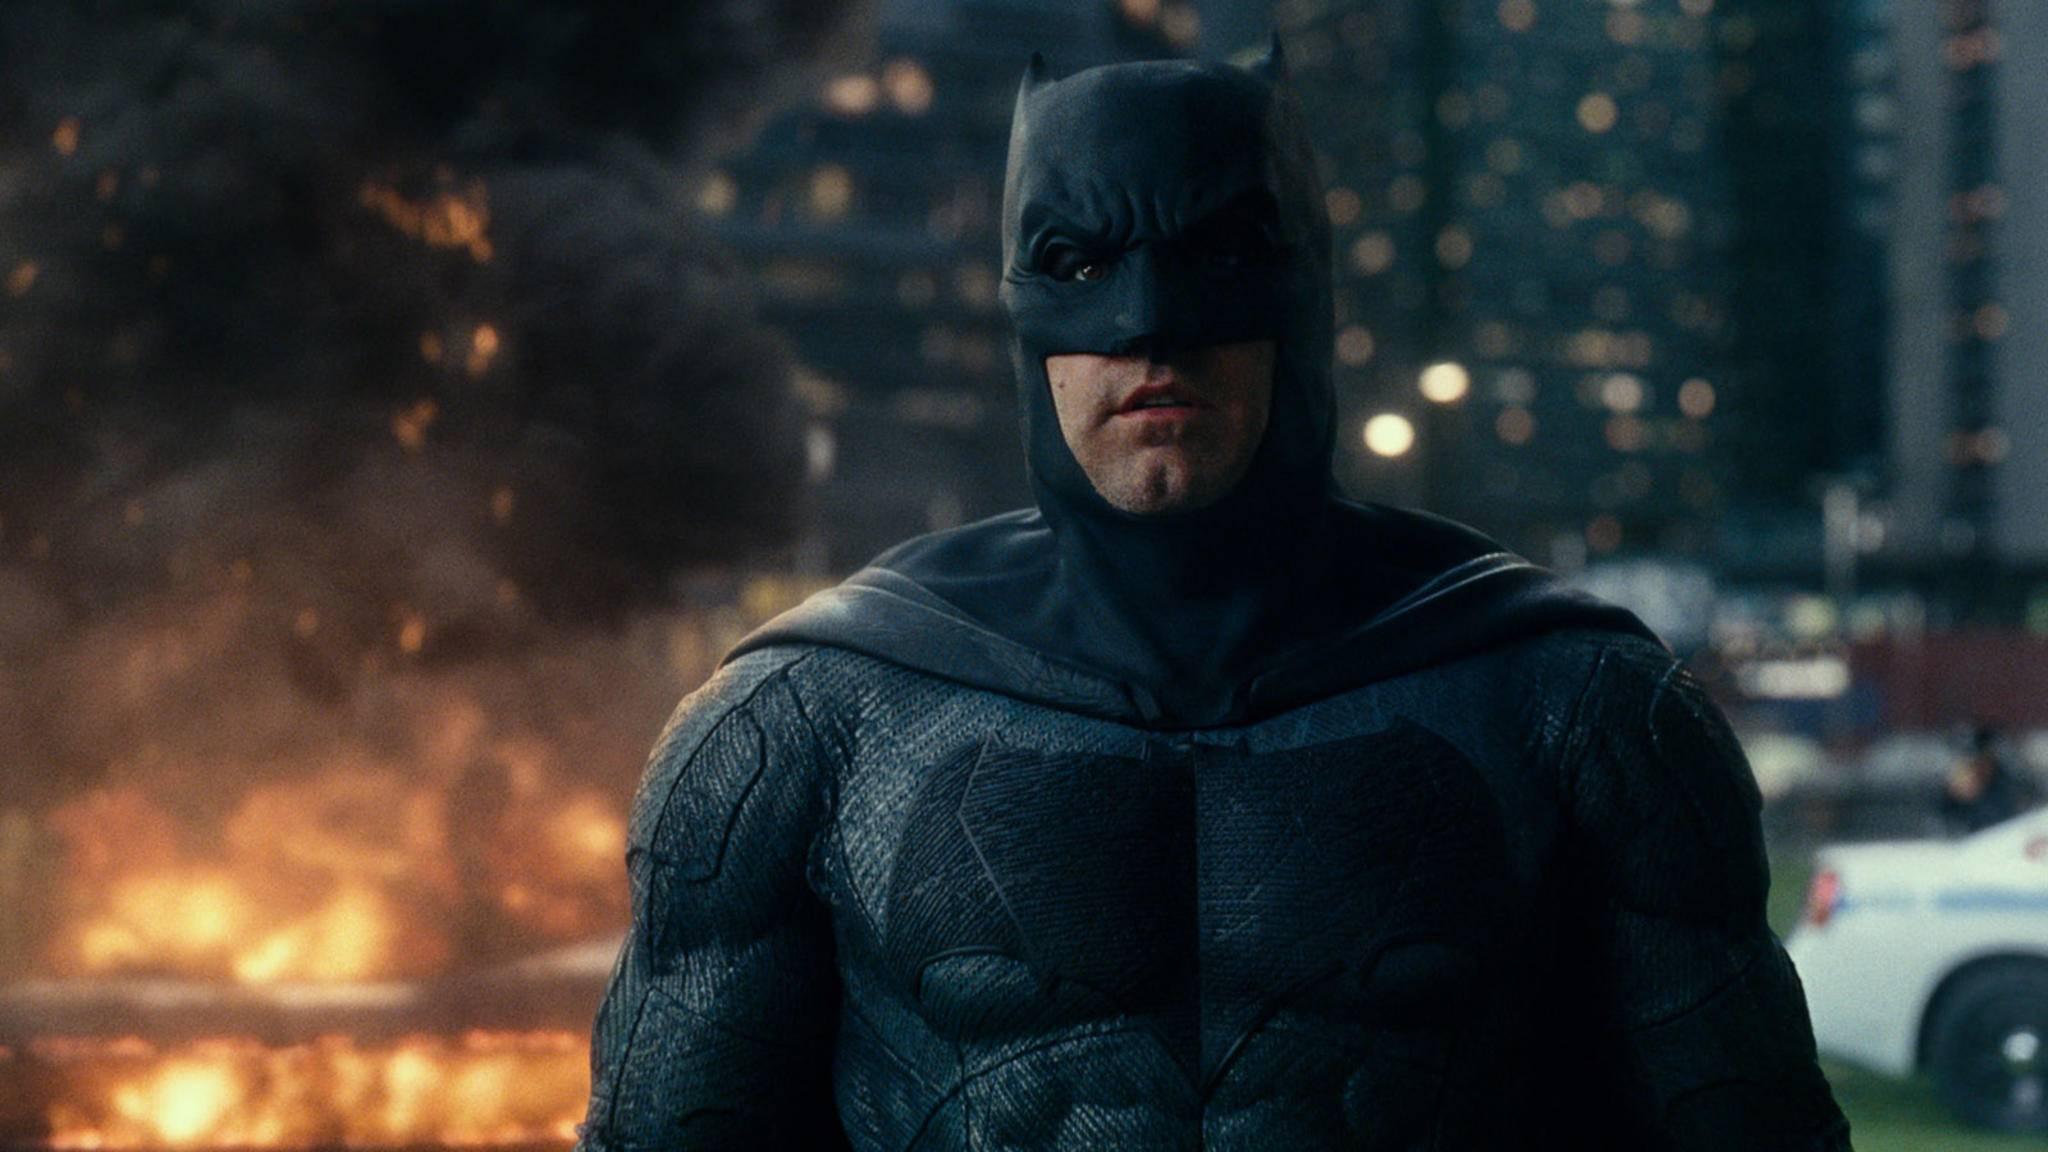 """Hat da gerade jemand """"The Batman"""" gesagt?! Tatsächlich: Es gibt neue Details zum DC-Film."""